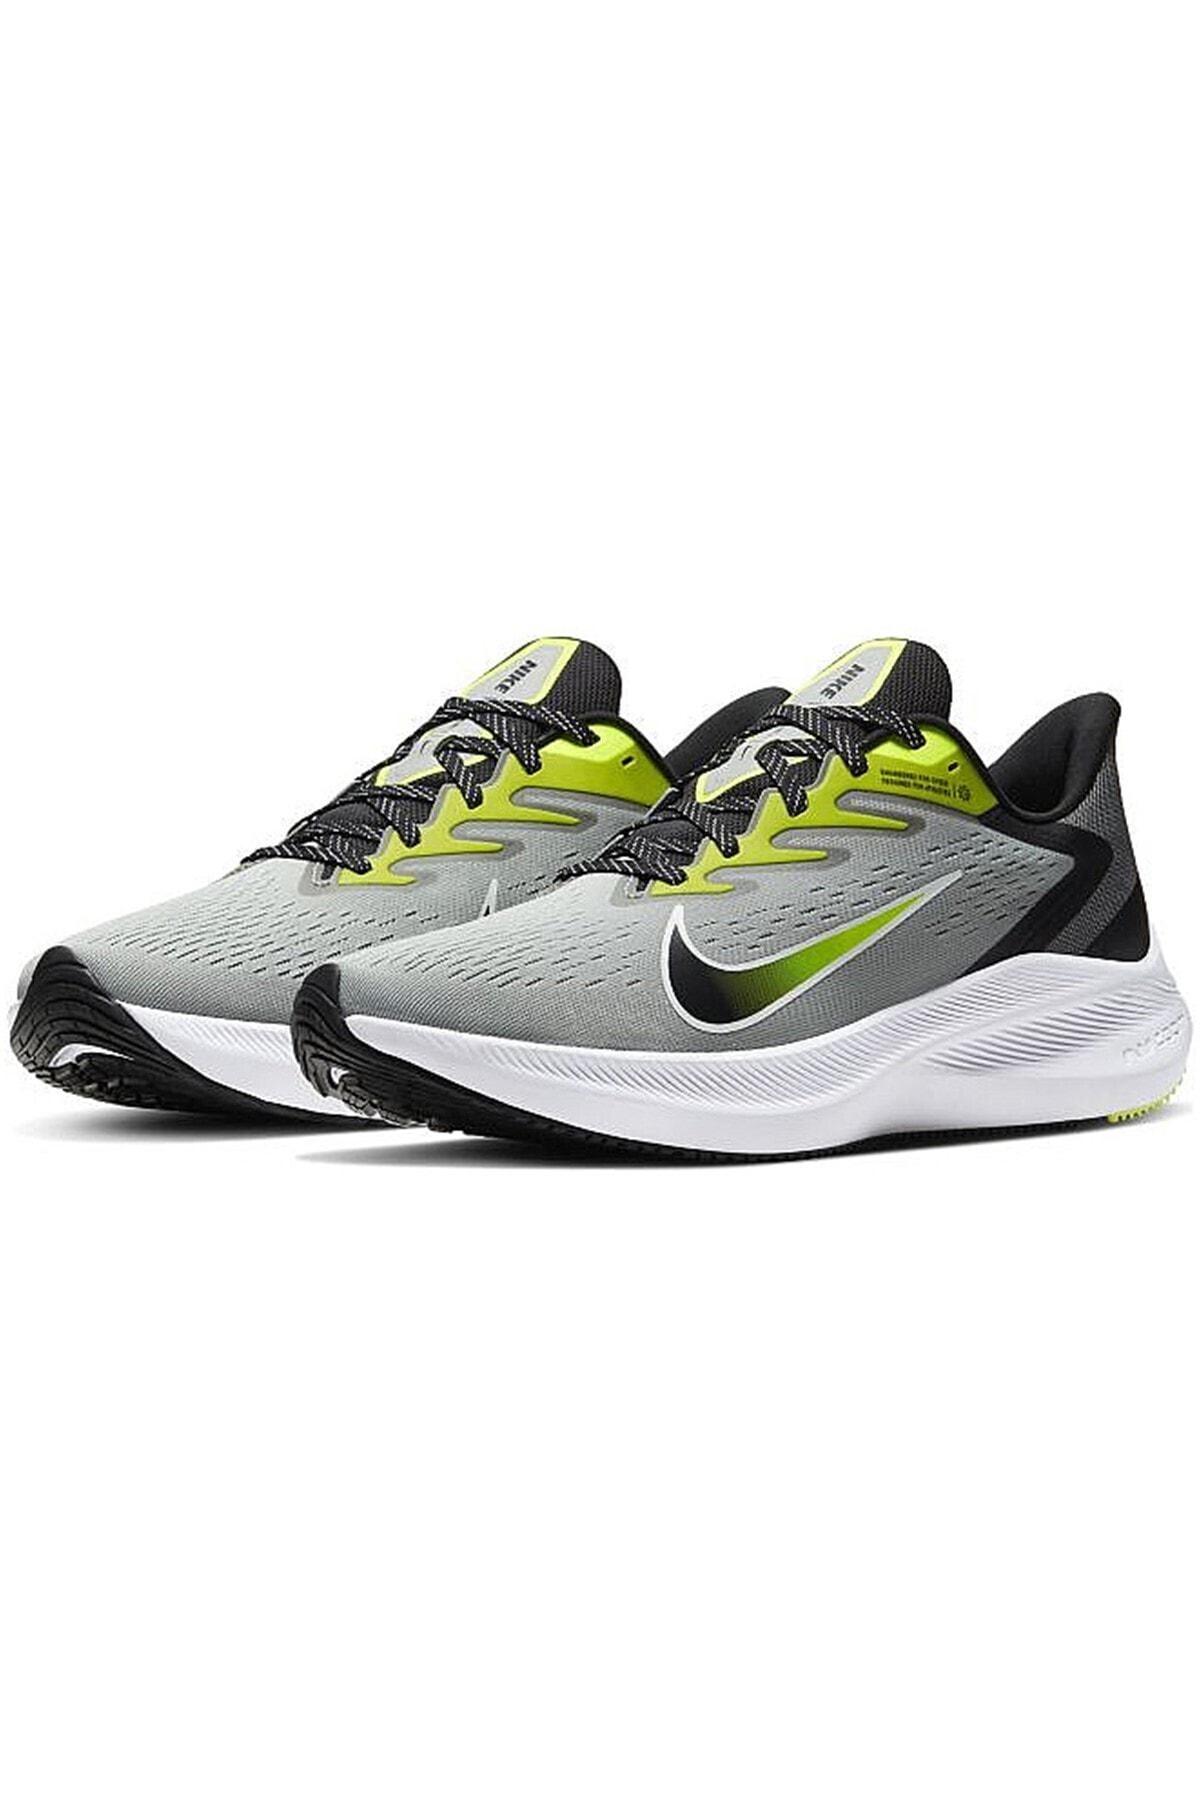 Nike Nıke Zoom Wınflo 7 Erkek Koşu Ayakkabısı Cj0291-002 2